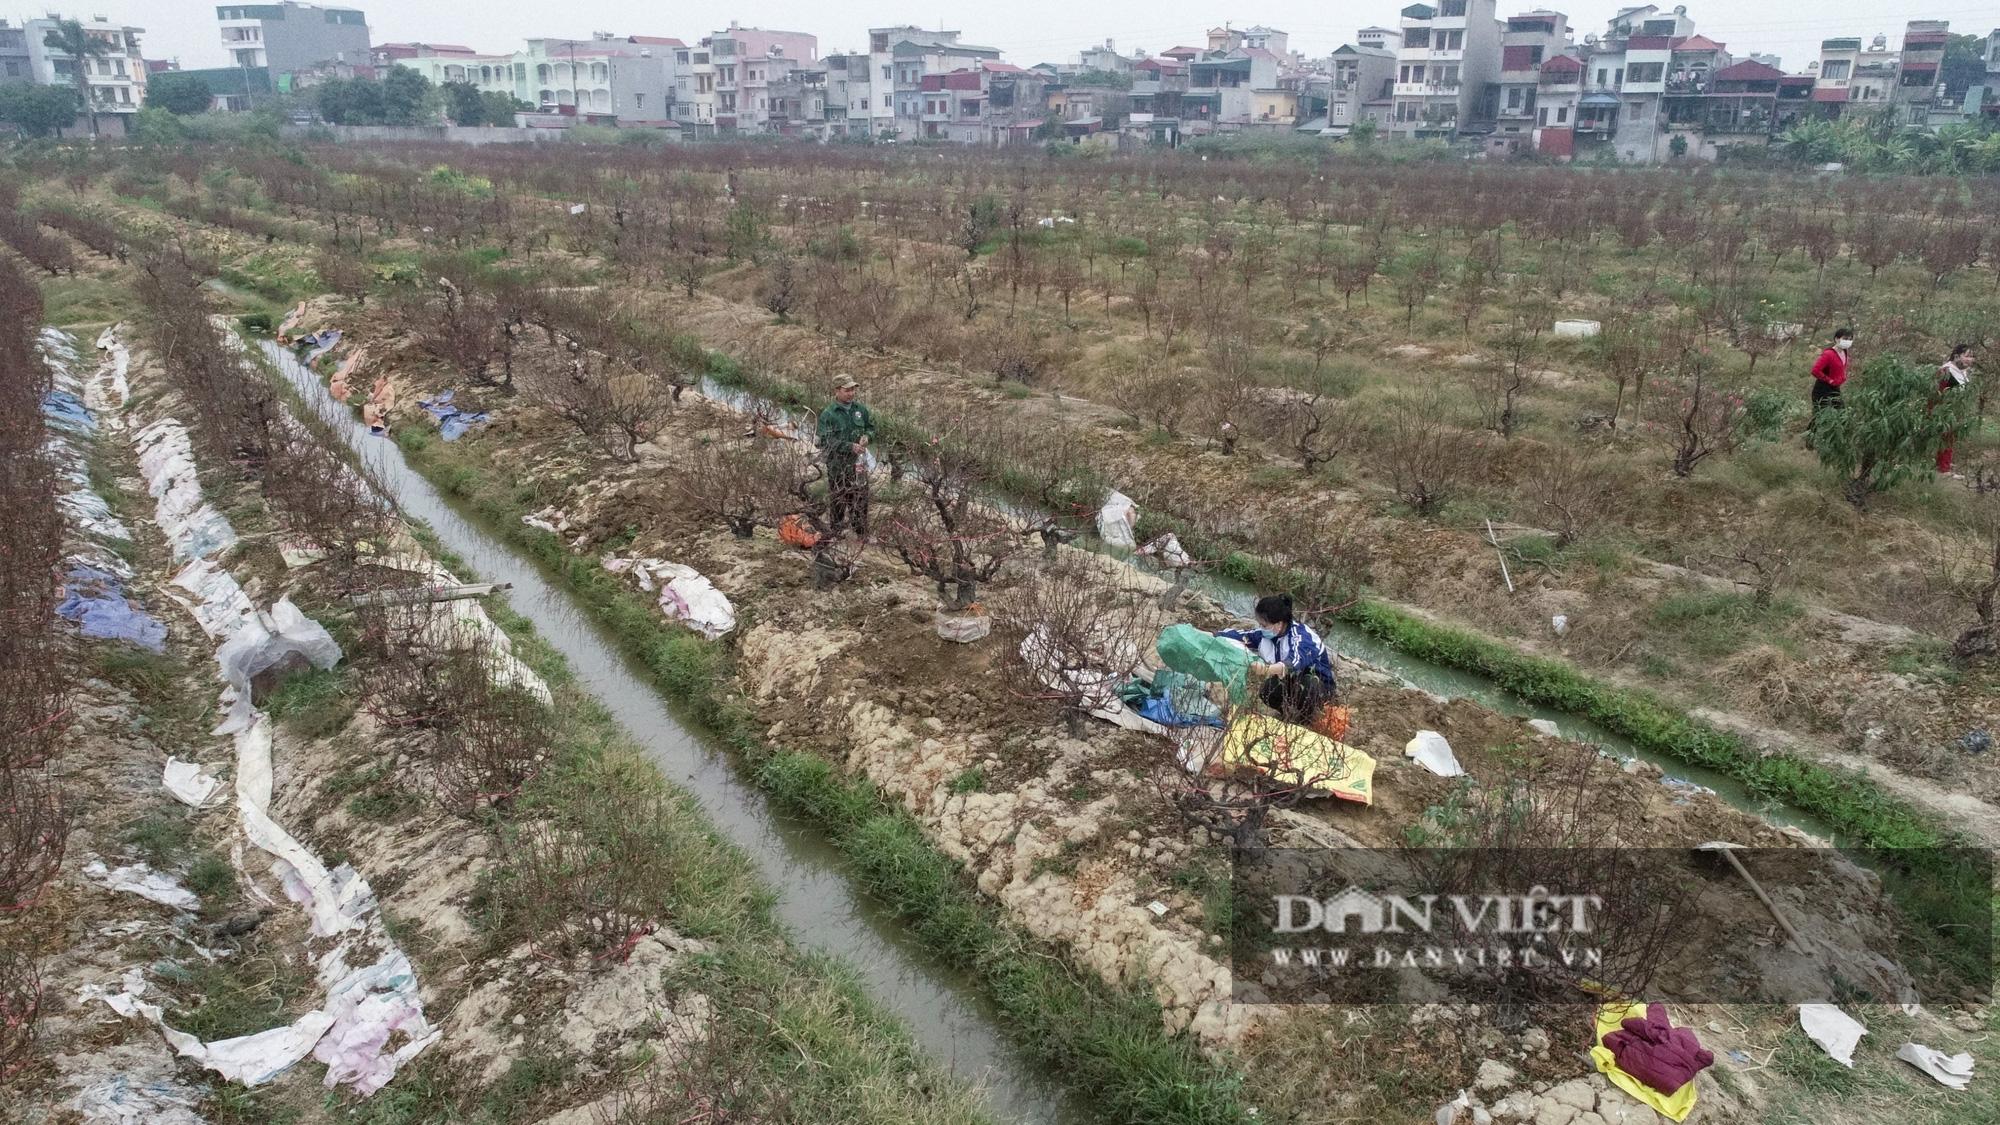 """Dịch COVID-19 khiến nông dân trồng đào Hải Dương """"đứng ngồi không yên"""" khi tết cận kề - Ảnh 1."""